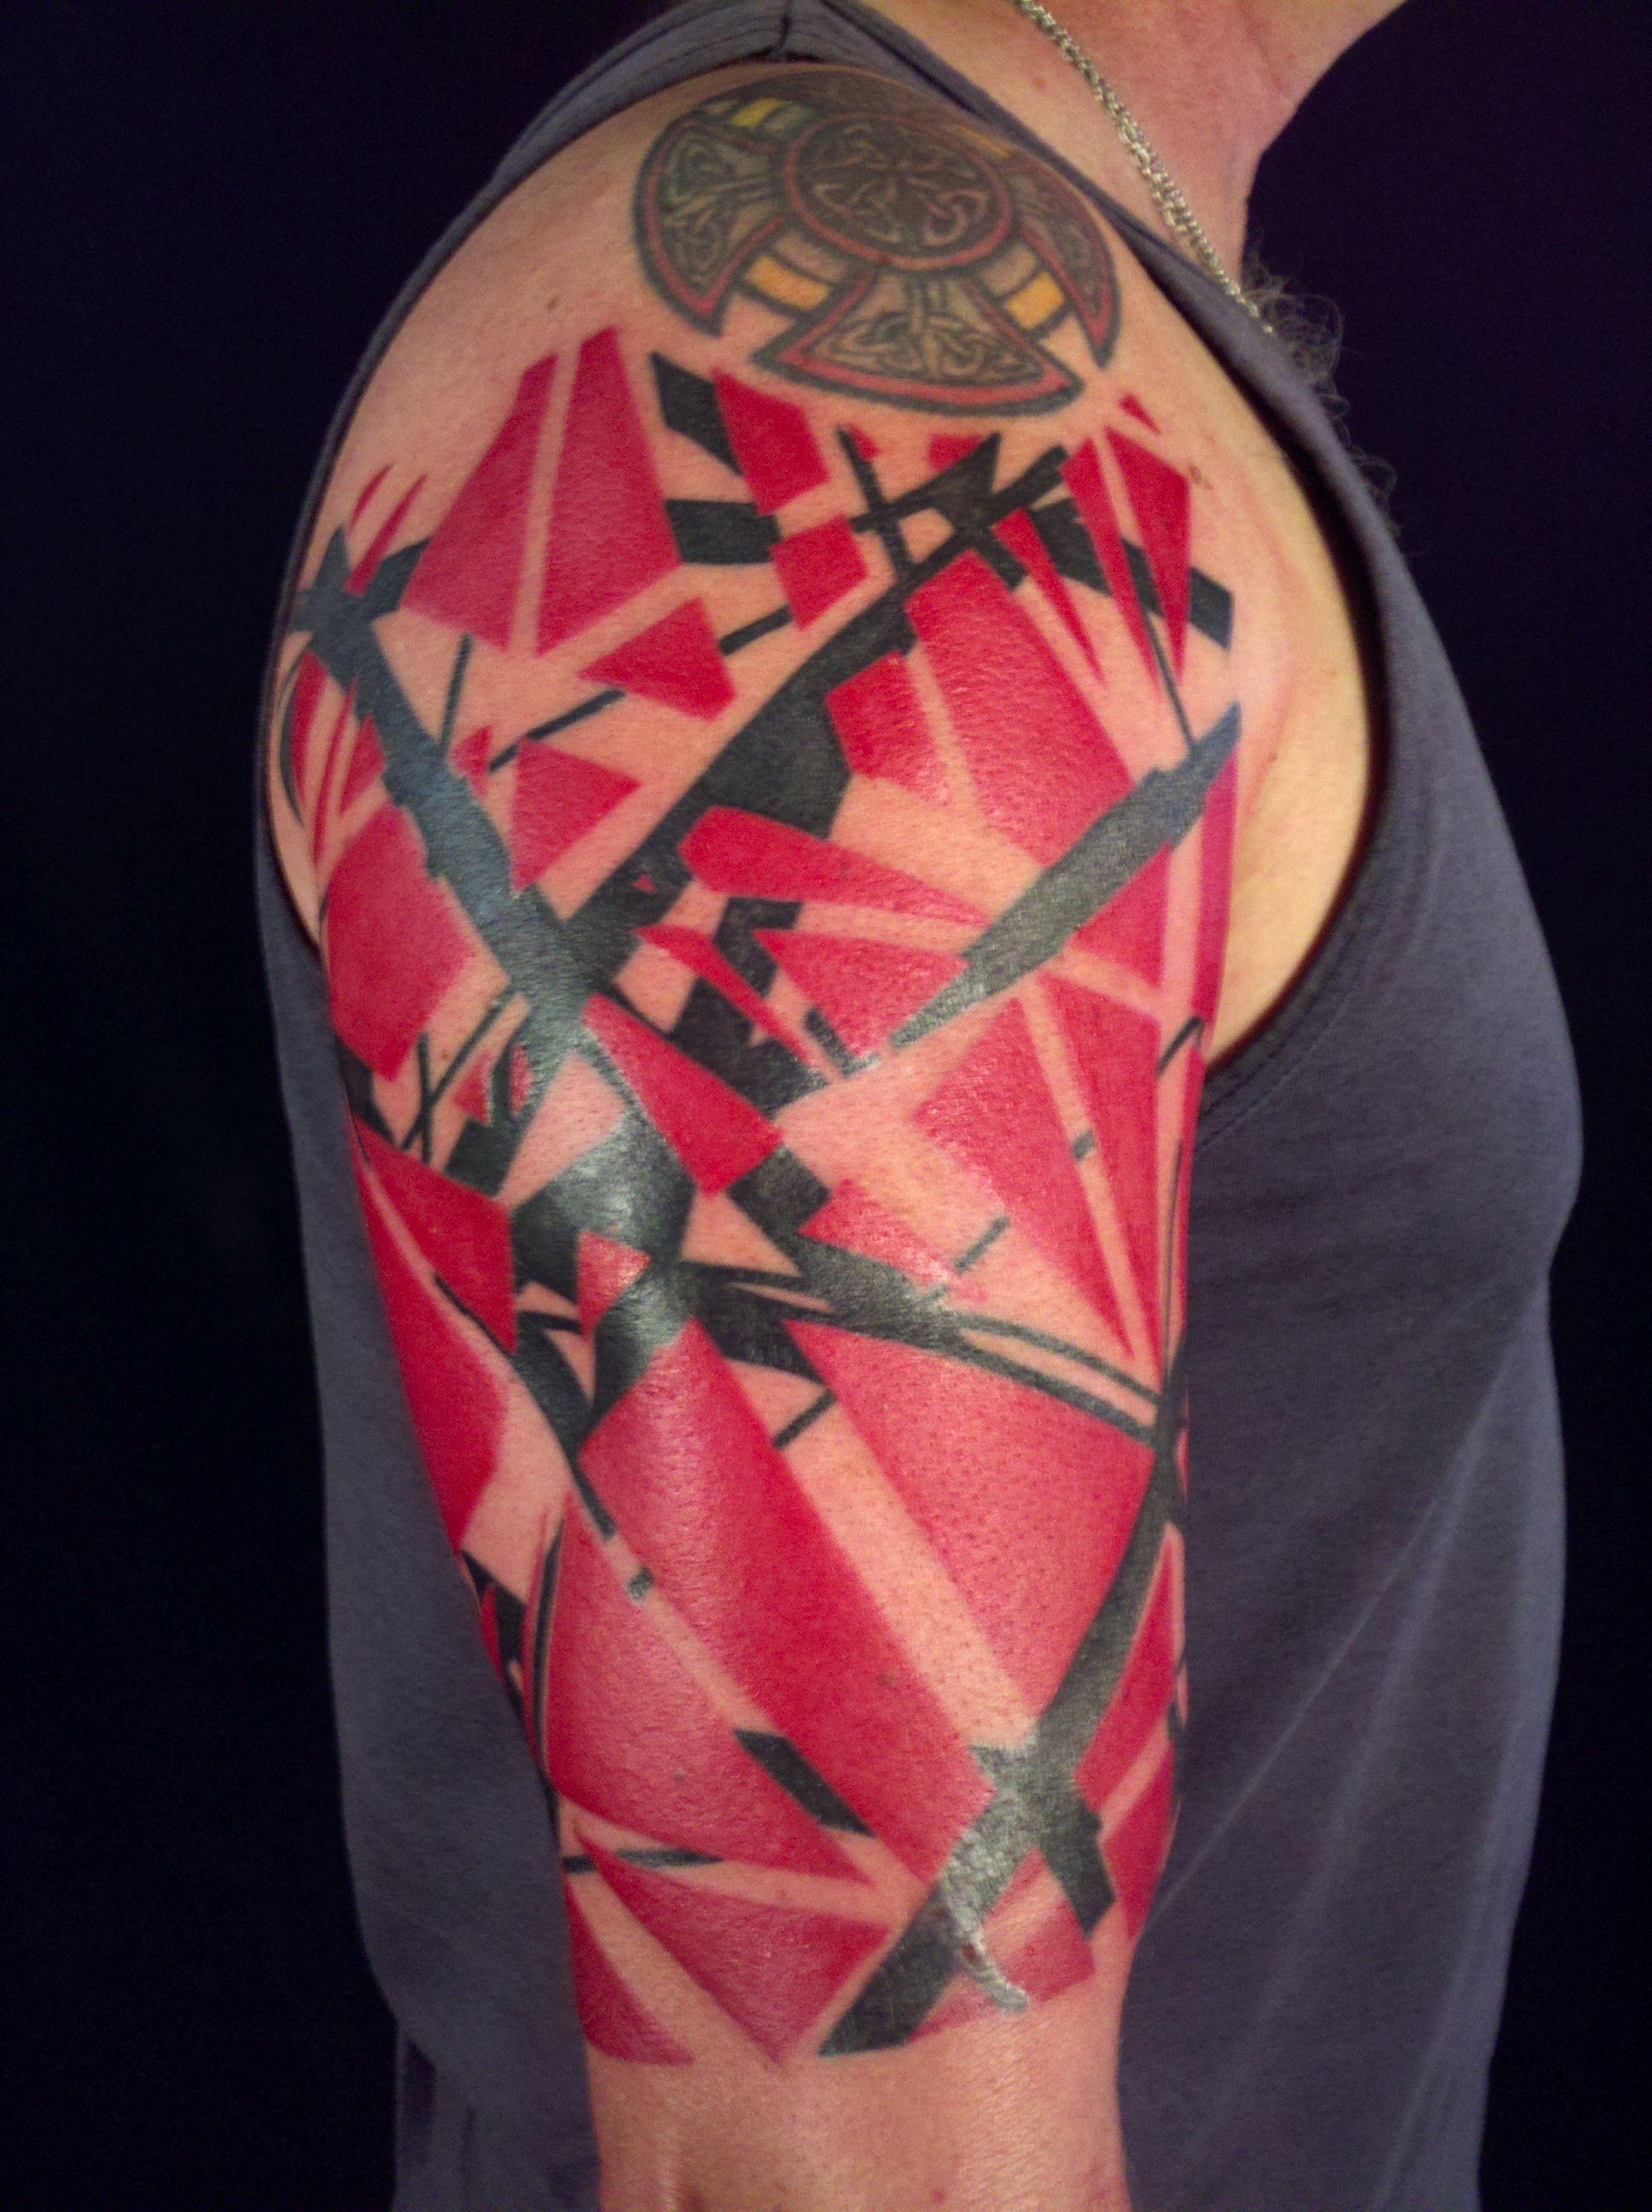 Pin By Tim Sykes On Tattoos Van Halen Fan Tattoo Tattoos